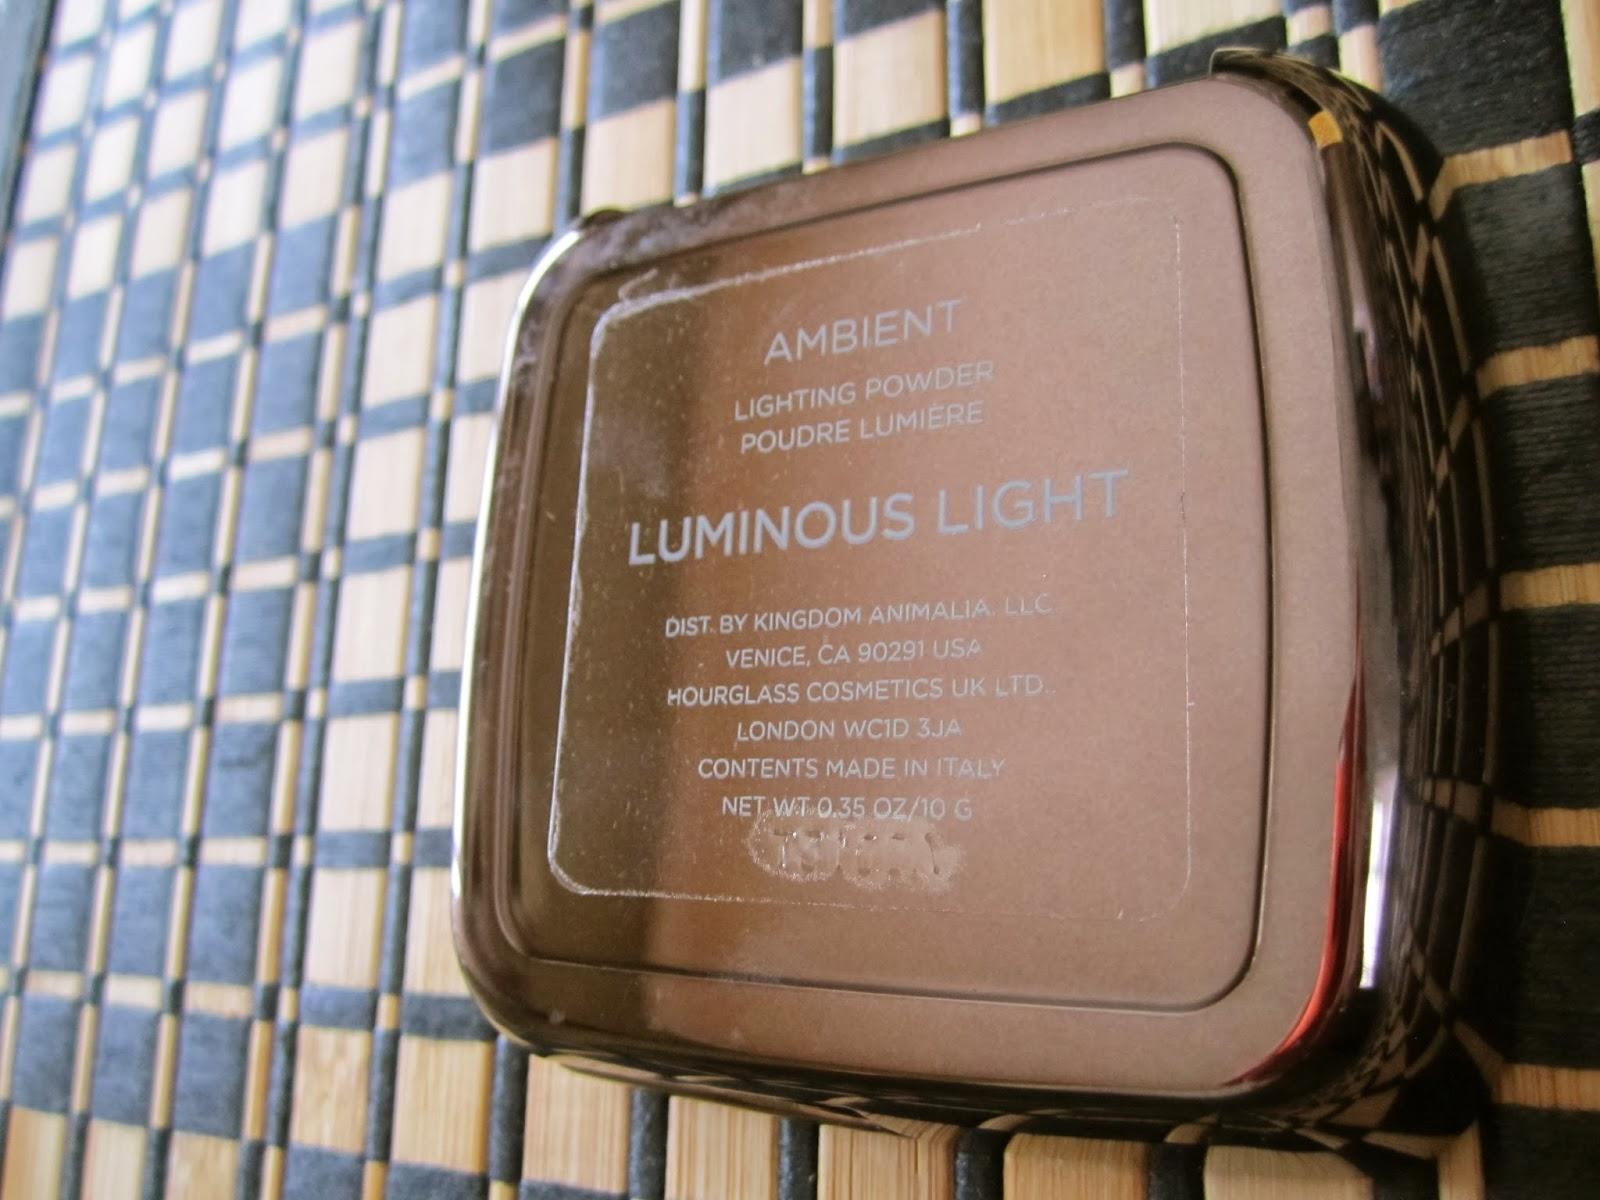 Hourglass Ambient Luminous Light, glowing skin, finishing powder, candlelit glow